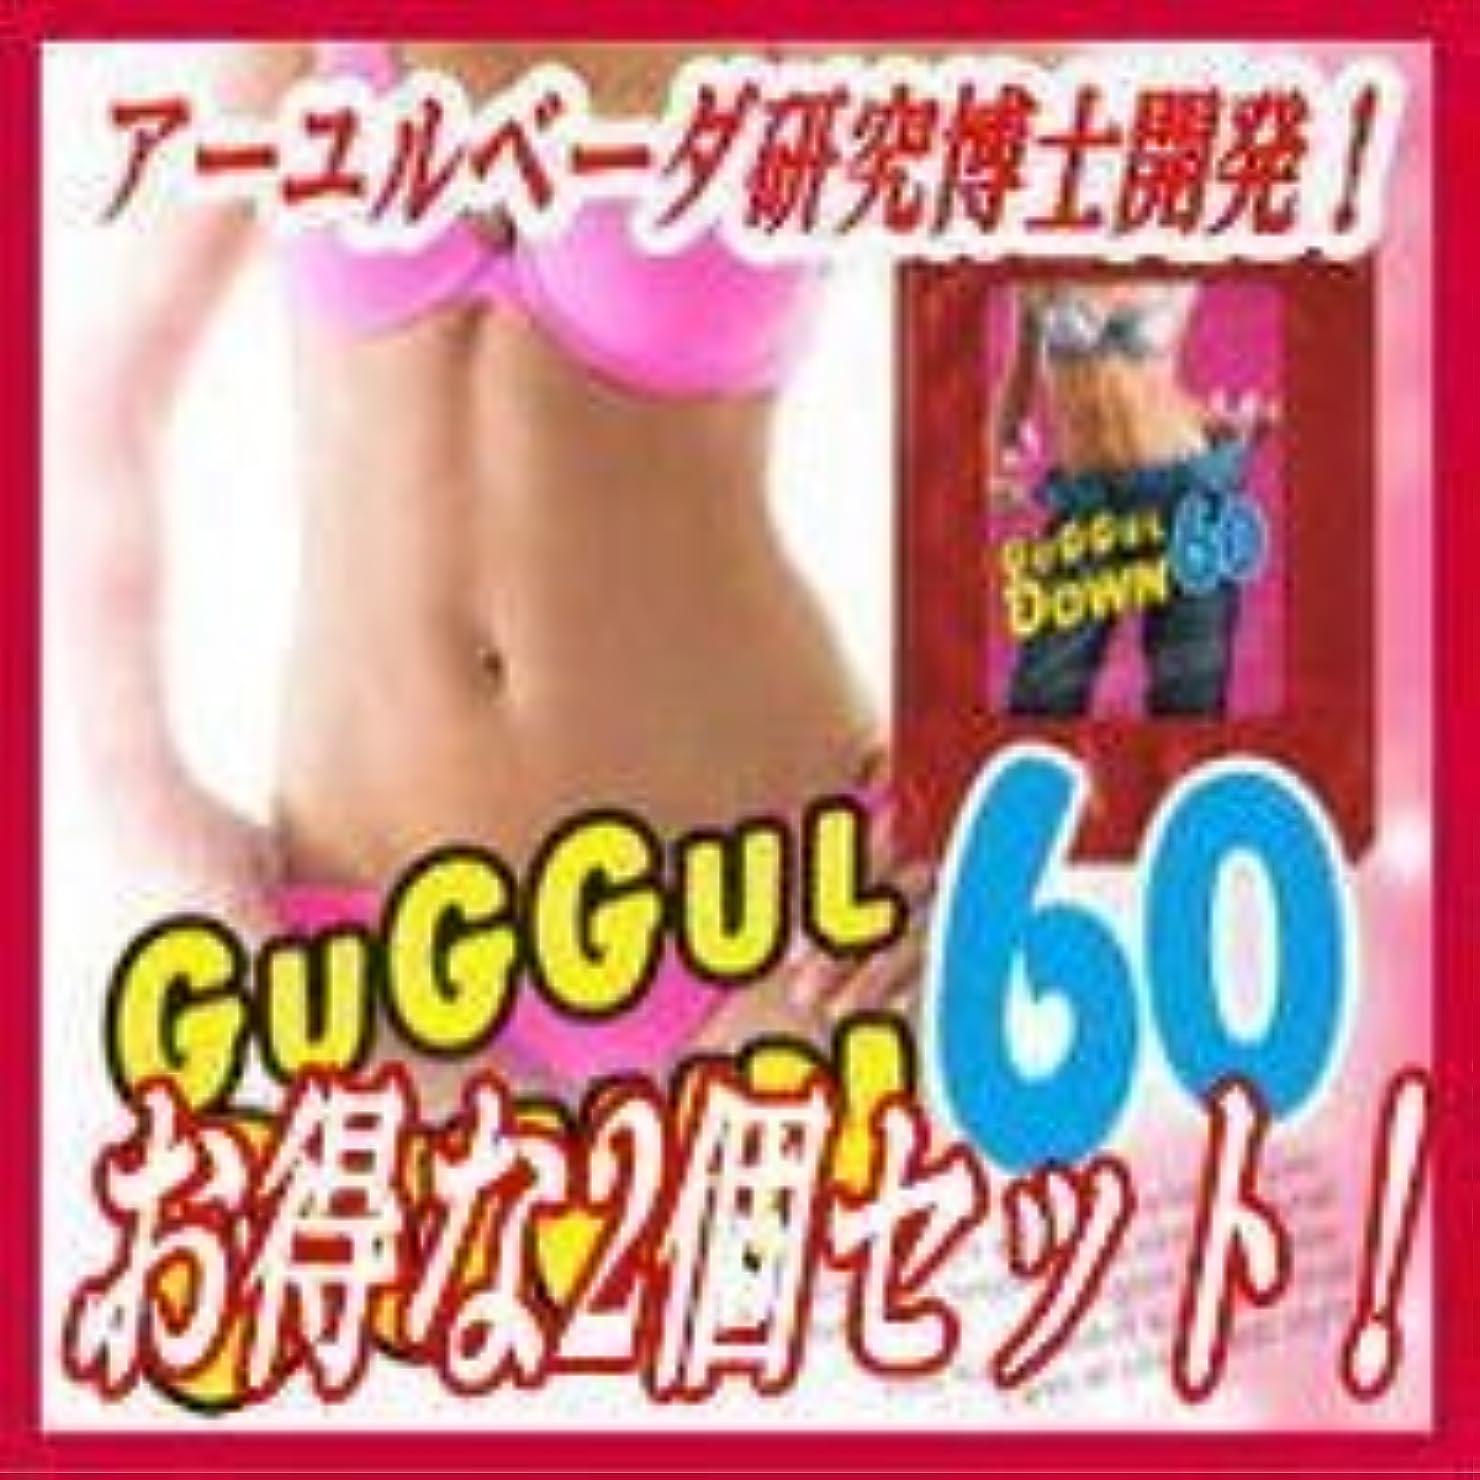 ピケそばに悪質な★GUGGULDOWN60(ググルダウン60)  2個セット 痩せたくて仕方がないと集まったモニター全員が1ヵ月絶たずつぎつぎと飲用を中断!